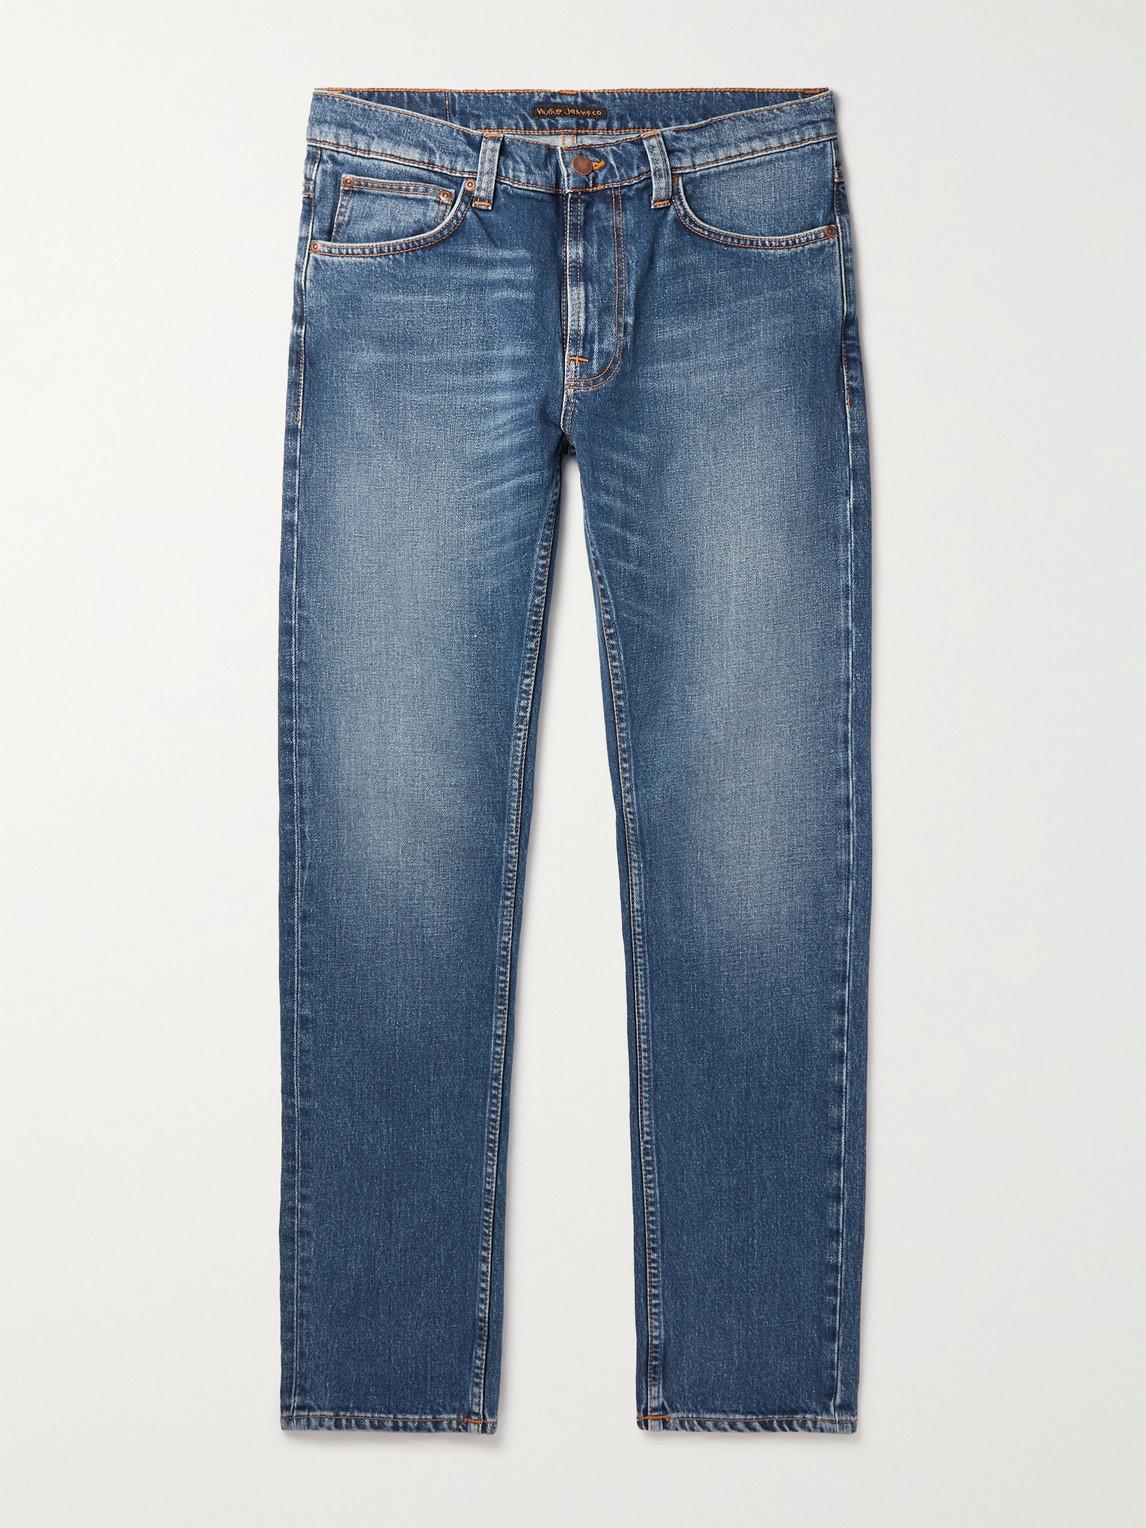 Nudie Jeans Lean Dean Jeans (slim Tapered) - Indigo Exile In Blue